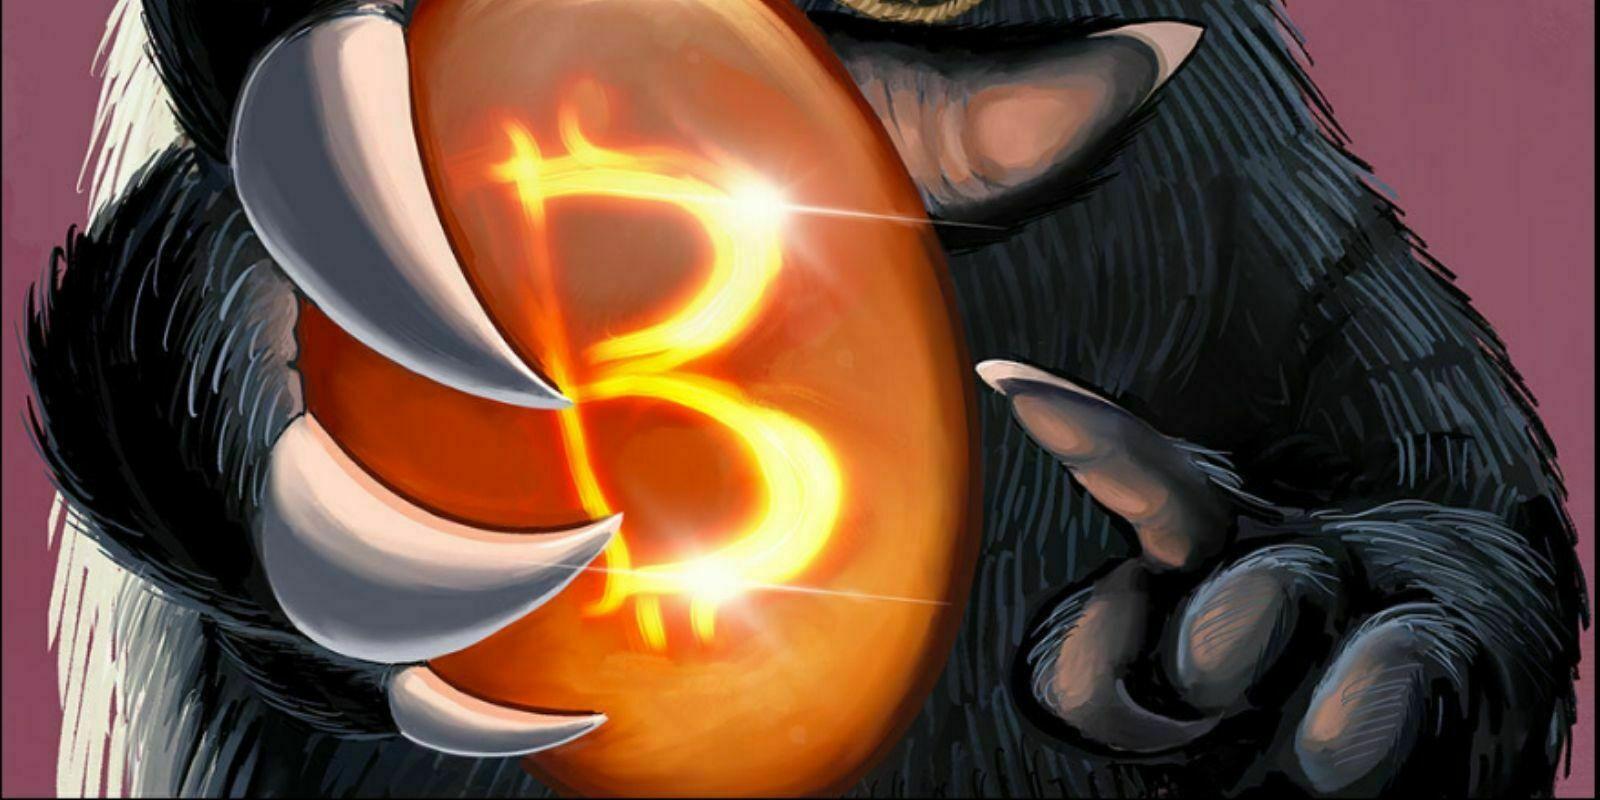 Une phrase secrète à 10M de satoshis est dissimulée dans une BD Bitcoin